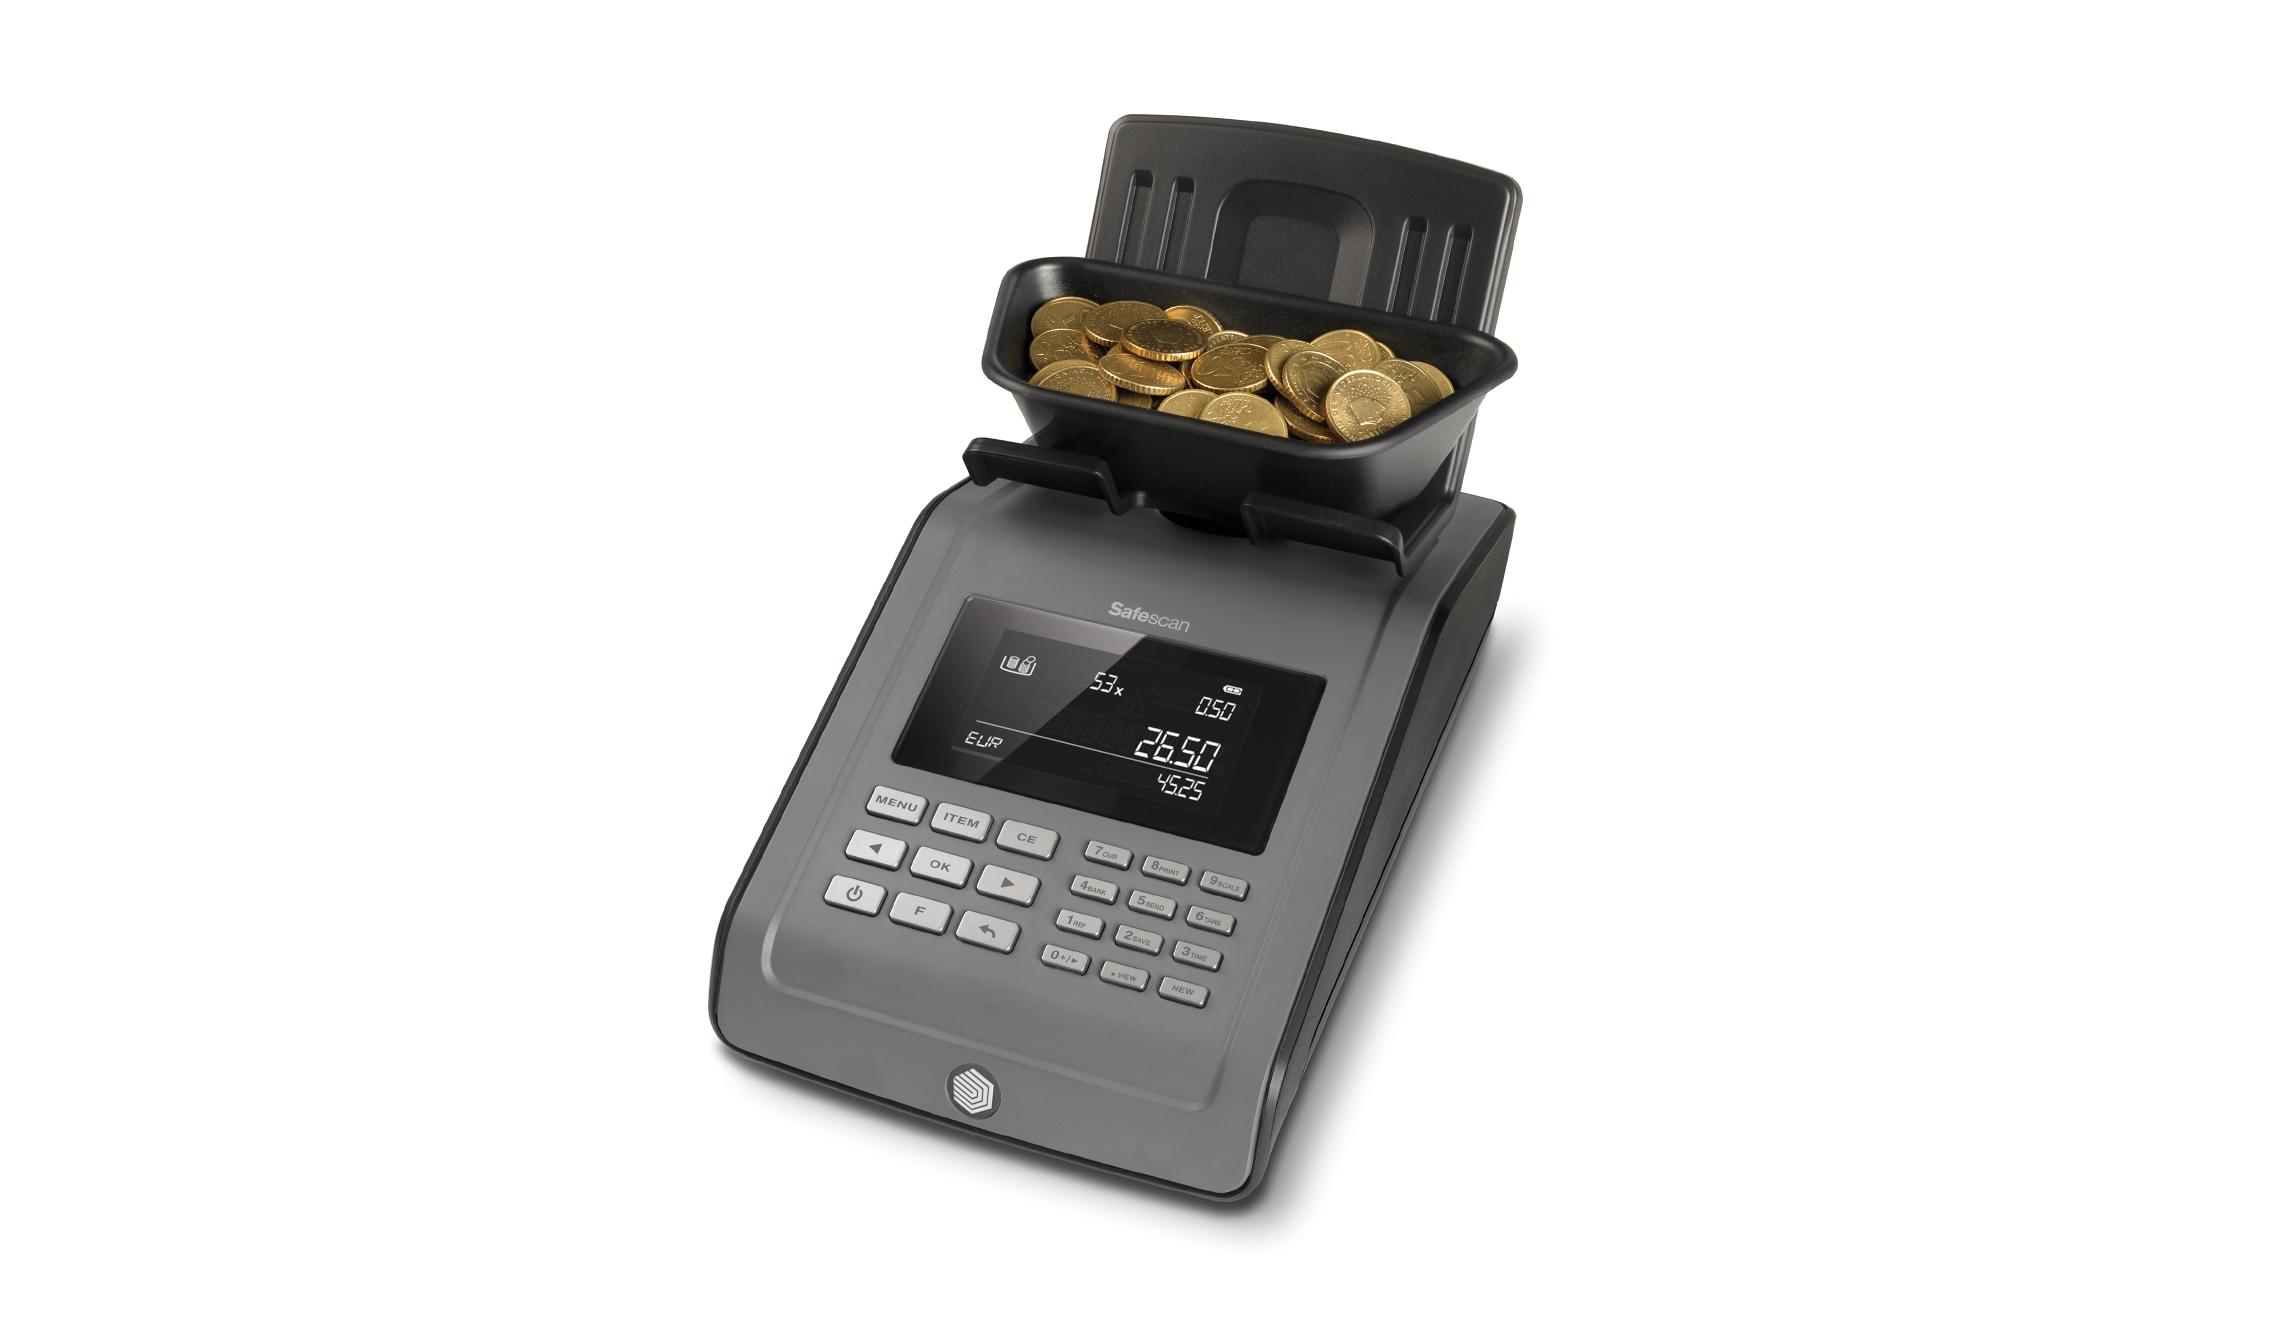 safescan-6185-coin-counter